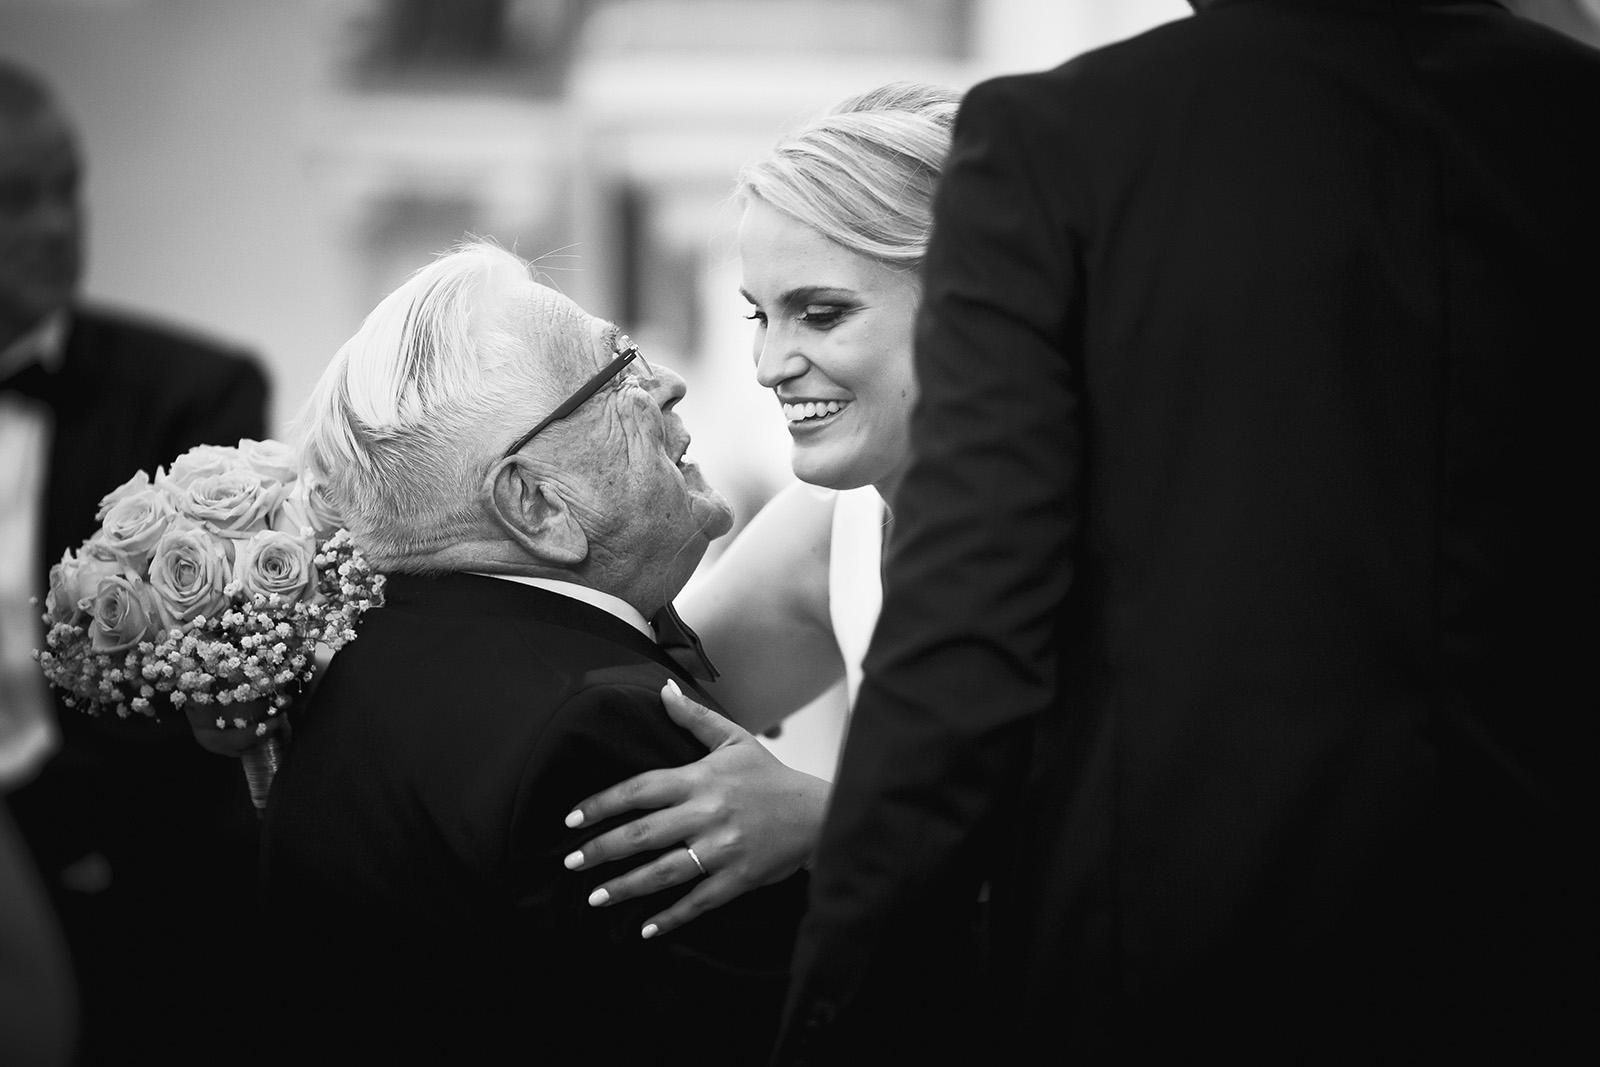 mariage-wedding-seance-photo-couple-amoureux-portrait-famille-reportage-elise-julliard-photographe-photographer-lyon-roanne-auvergne-rhone-alpes-chateau-de-matel-7